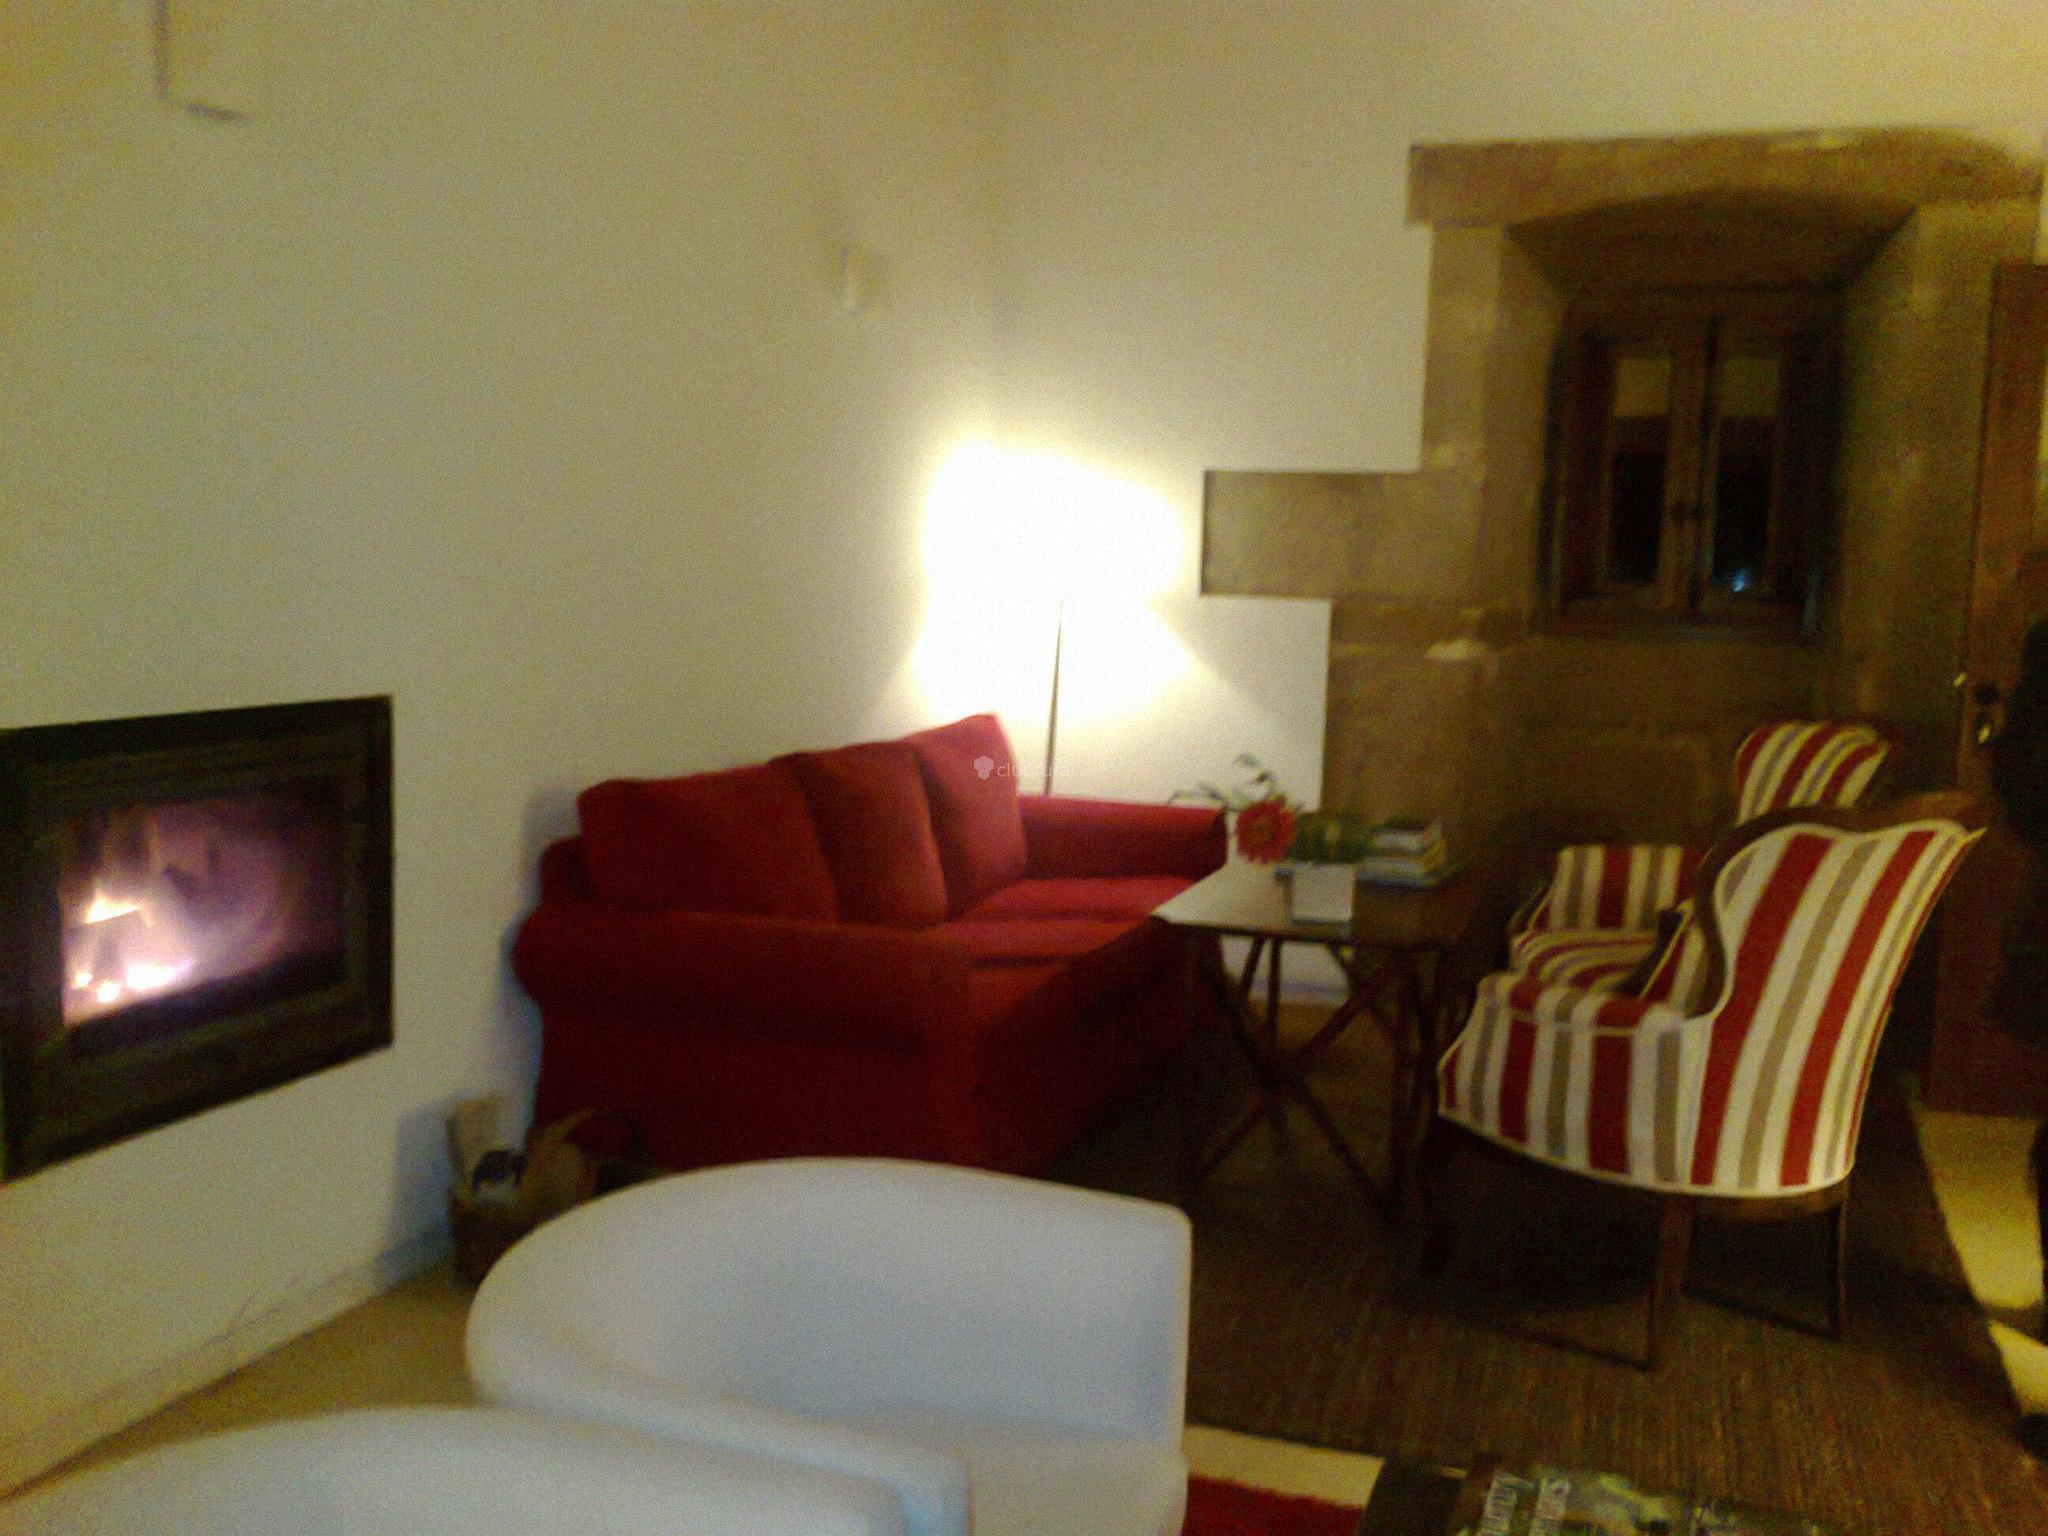 Fotos de hotel la capellan a la rioja san asensio for Hotel rural la rioja